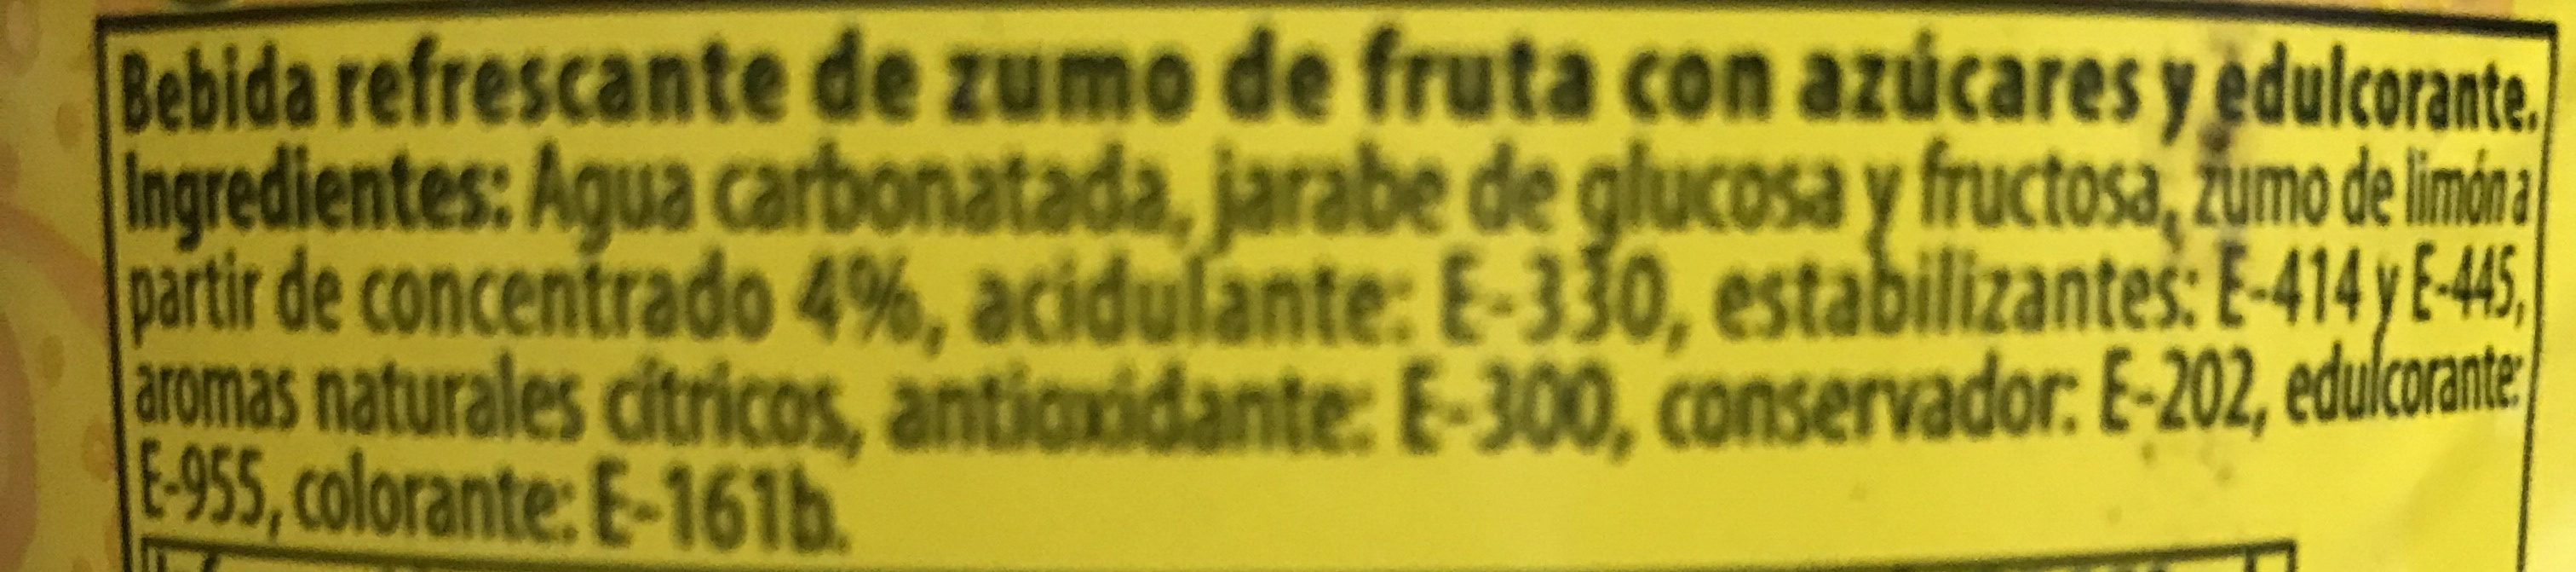 Refresco de limón - Ingredientes - es